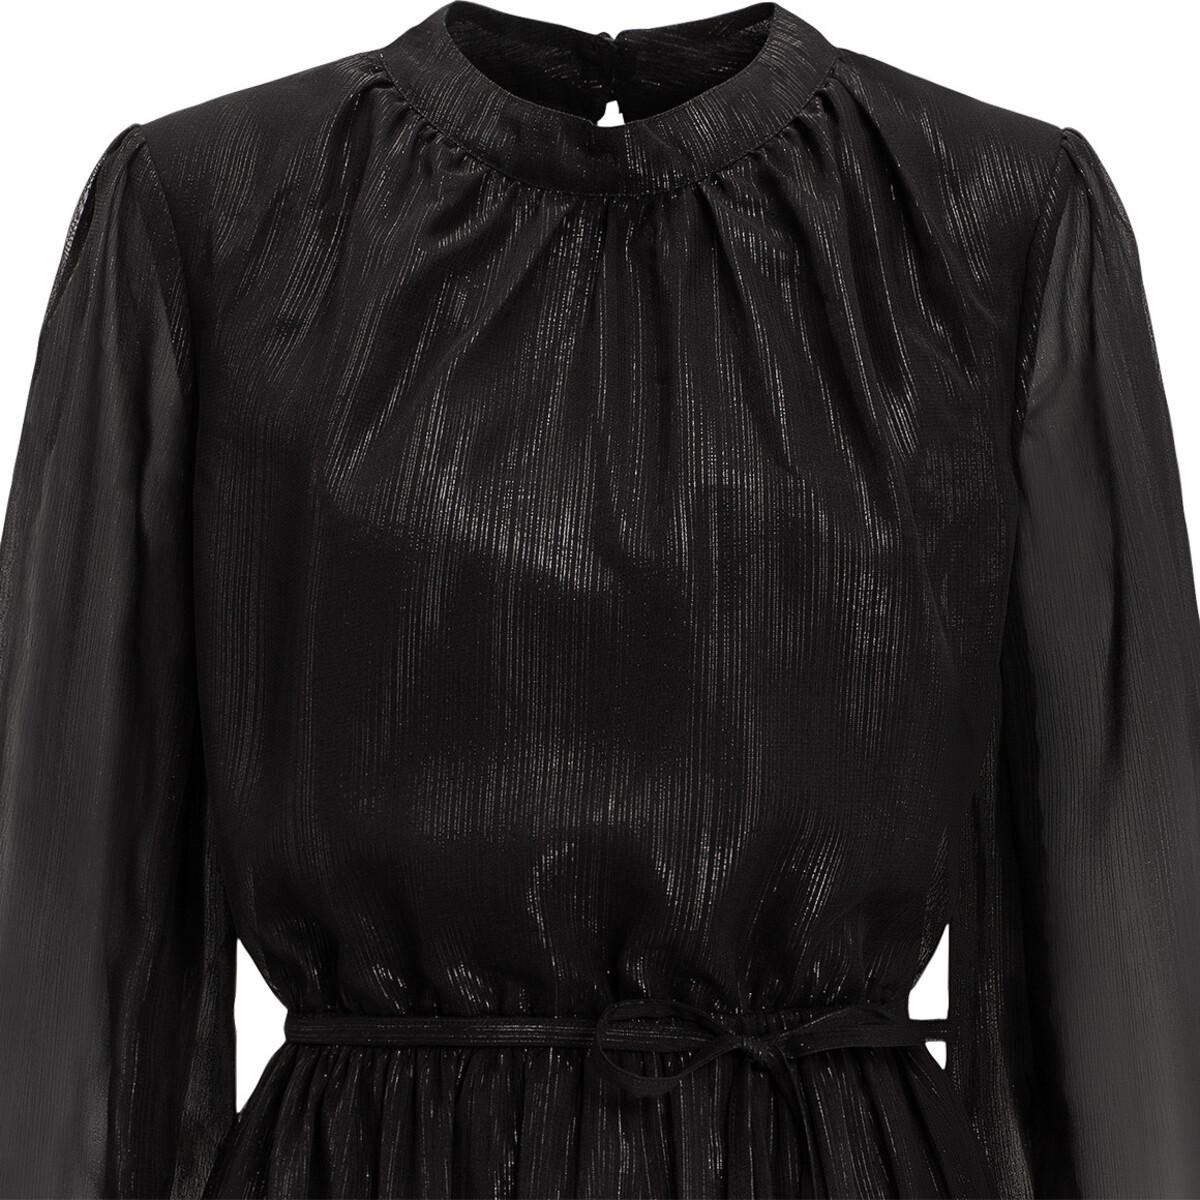 Bild 2 von Damen Kleid mit Effektgarn